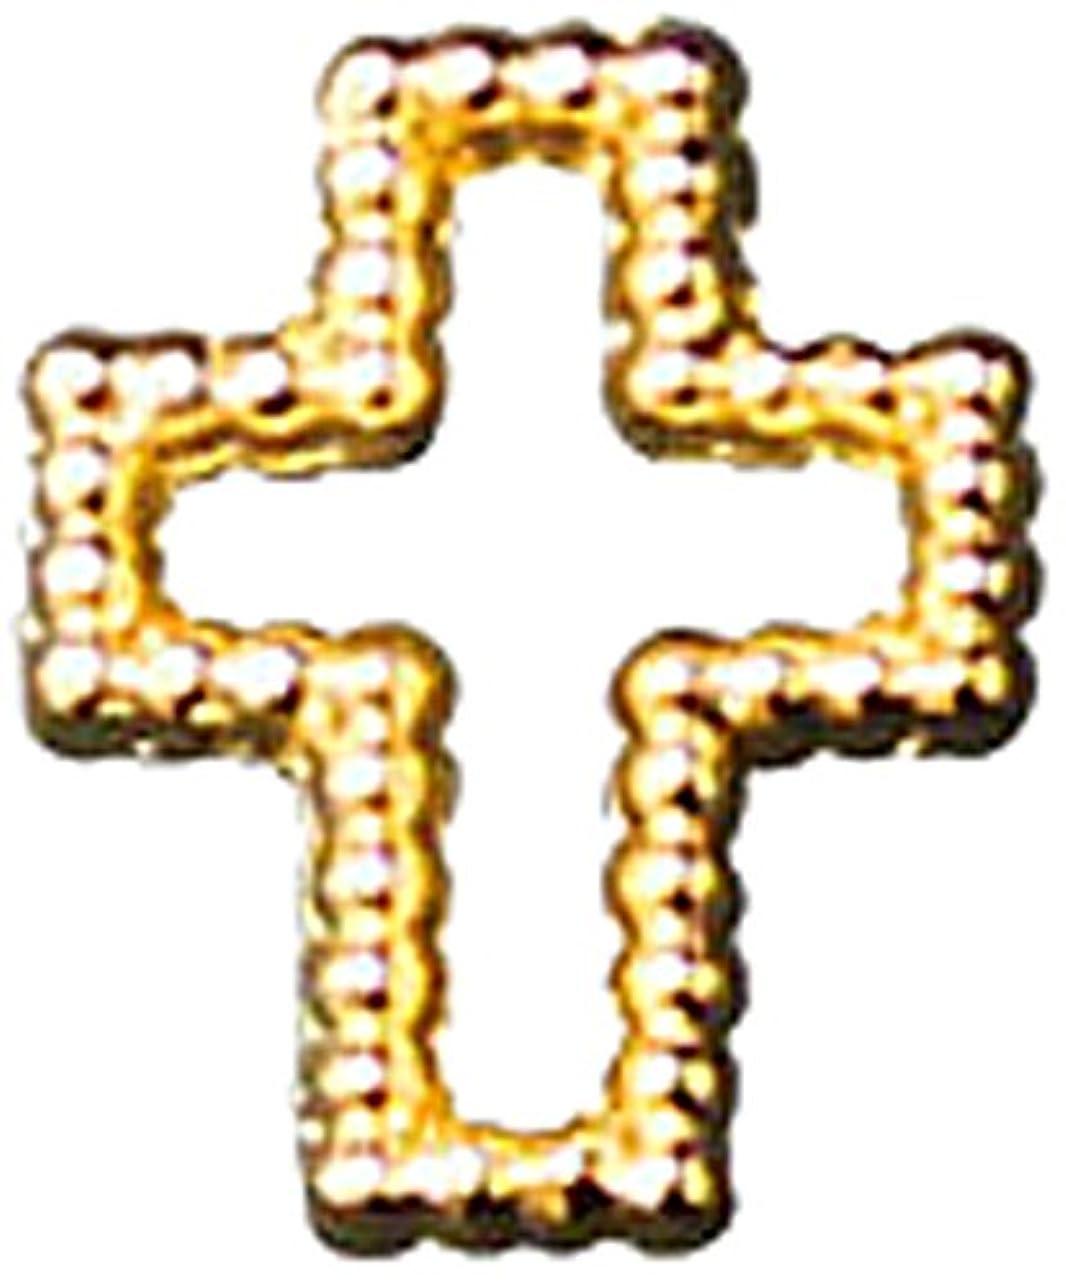 代理人検出器ポットプリティーネイル ネイルアートパーツ ブリオンクロス2 S ゴールド 15個